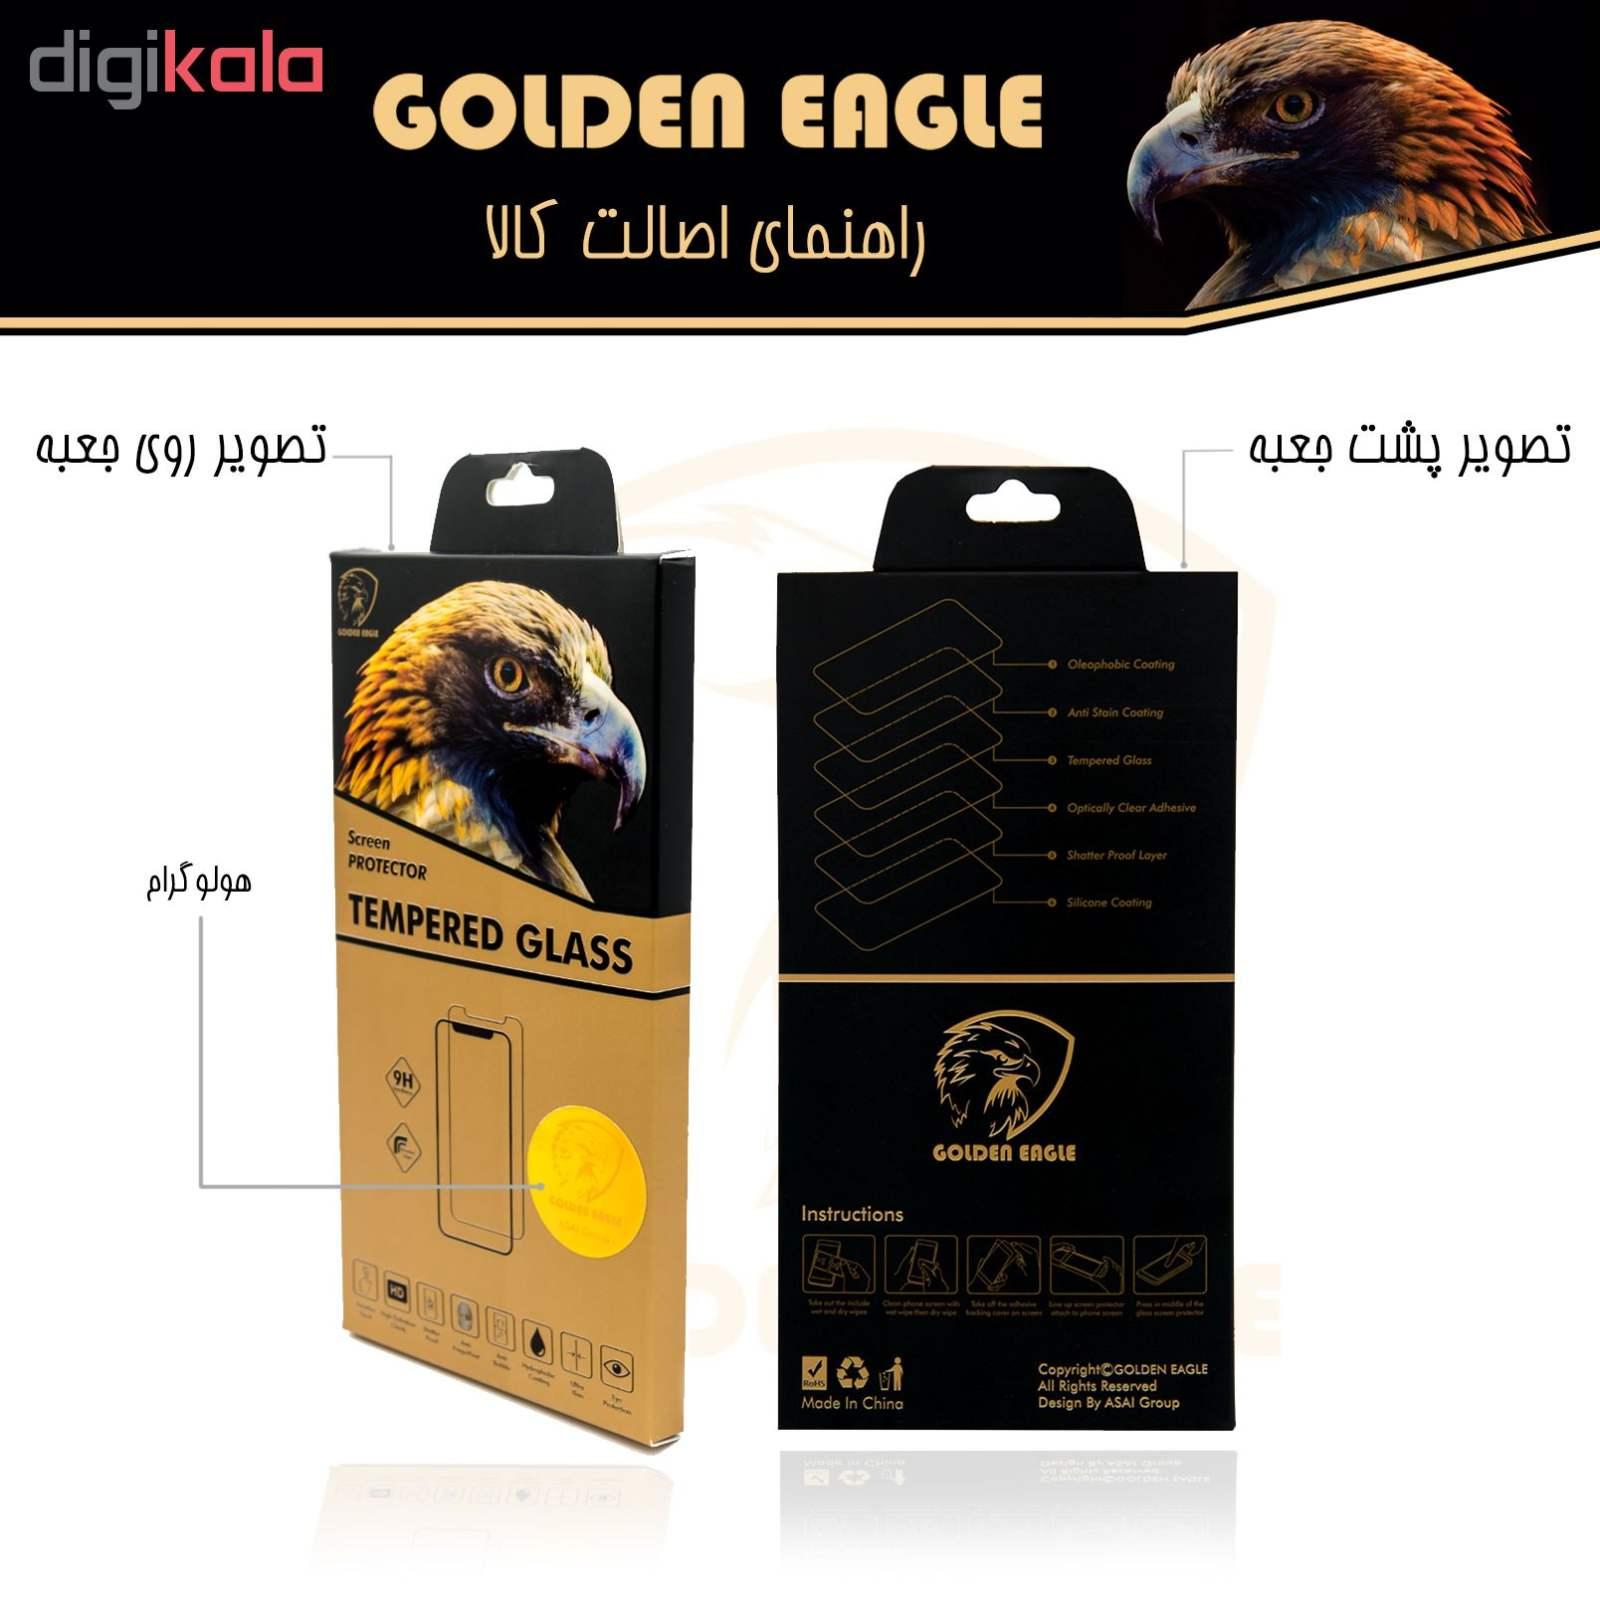 محافظ صفحه نمایش گلدن ایگل مدل DFC-X3 مناسب برای گوشی موبایل سامسونگ Galaxy Note 10 Plus بسته سه عددی main 1 5